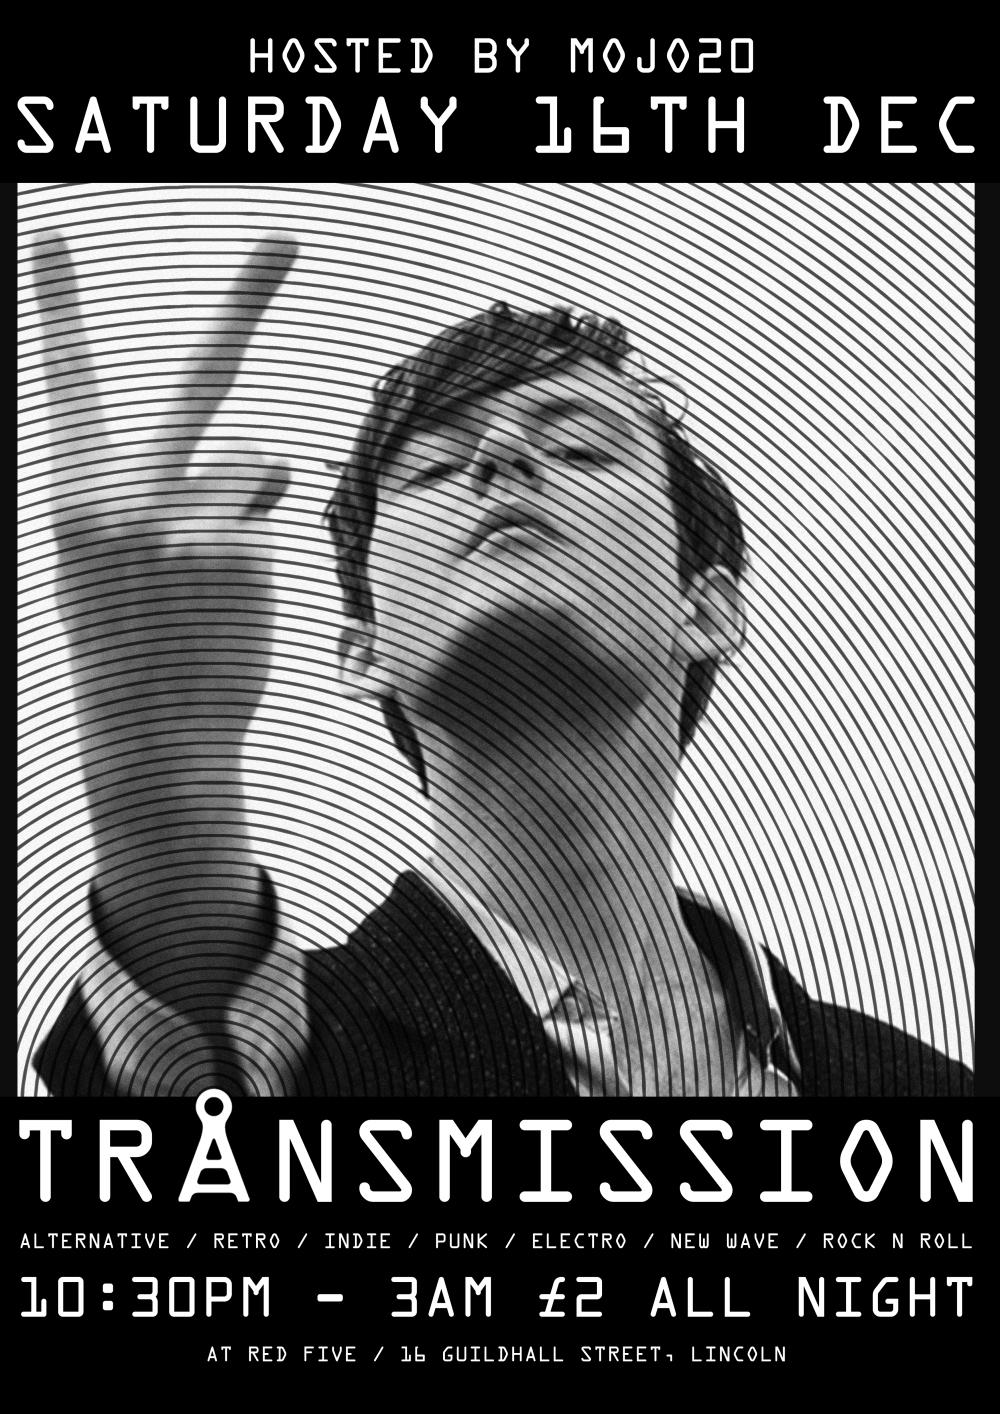 TRANSMISSION DEC 2017 POSTER